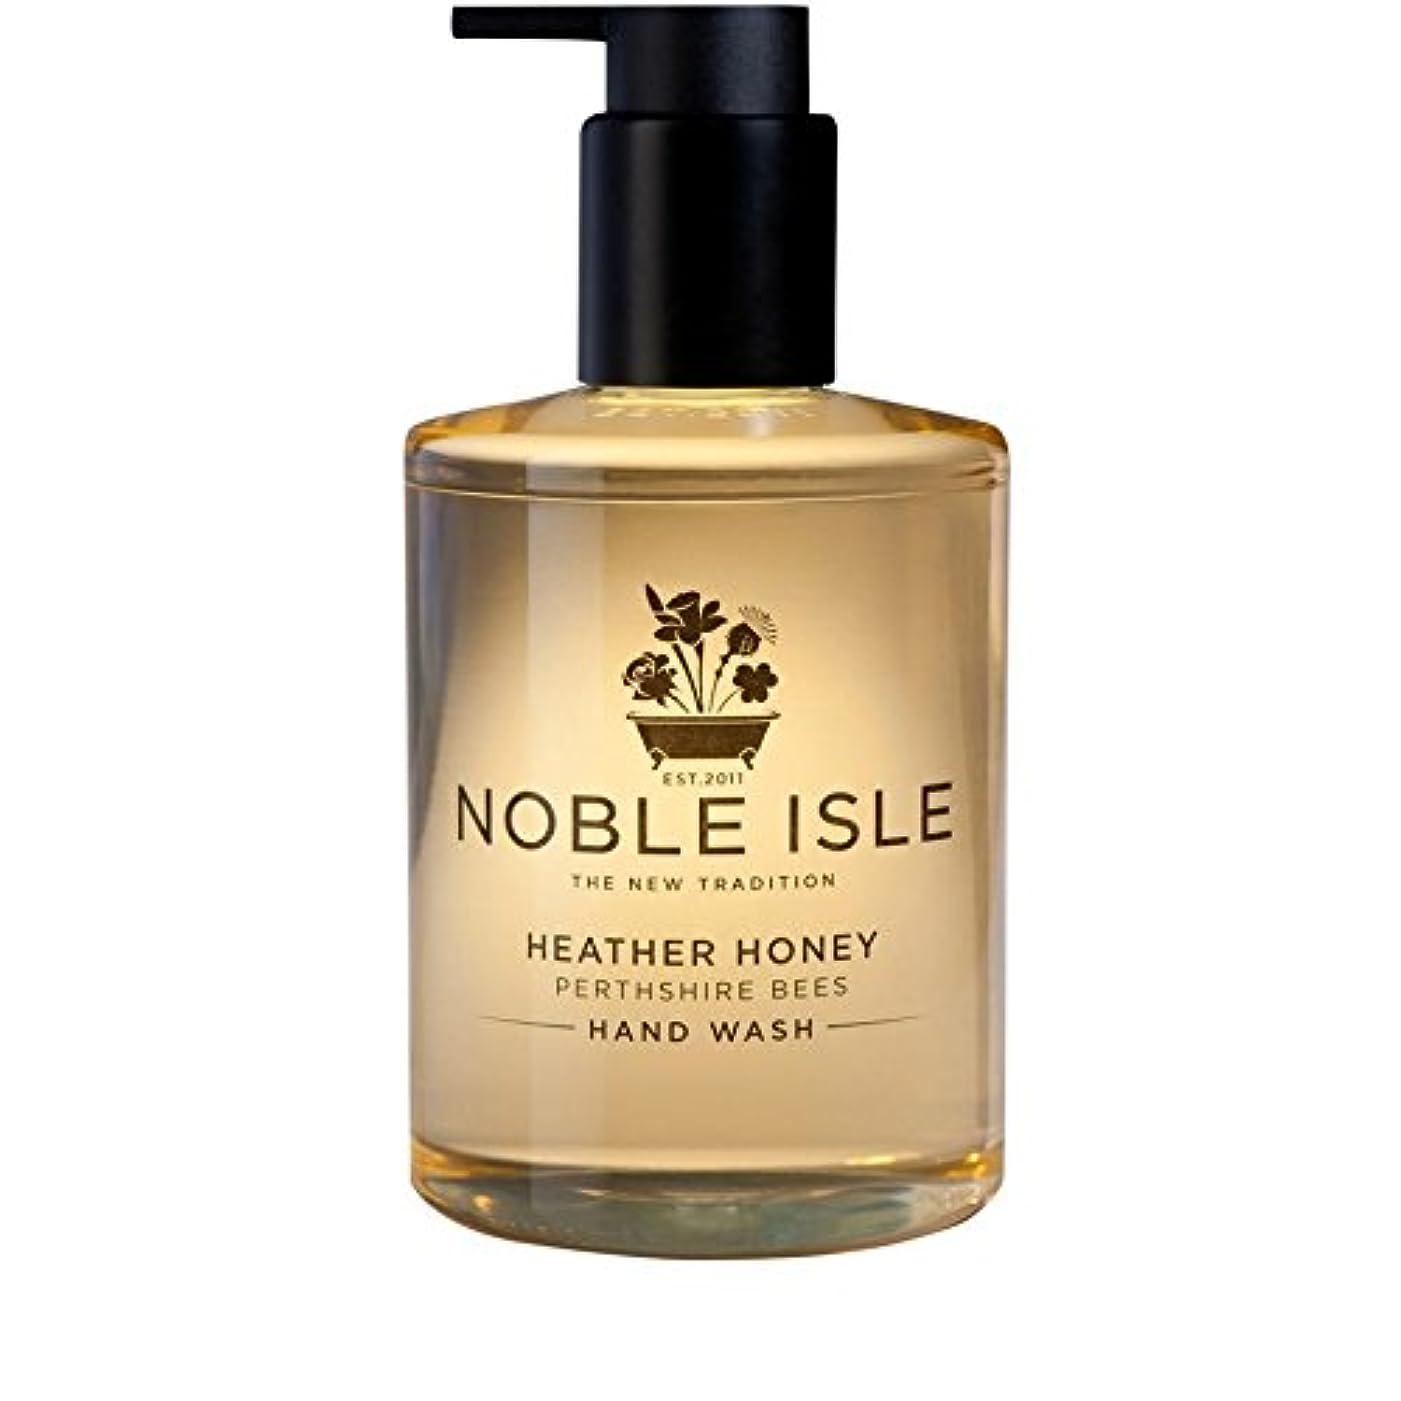 良い変換するキャロライン高貴な島杢蜂蜜パースシャー蜂のハンドウォッシュ250ミリリットル x2 - Noble Isle Heather Honey Perthshire Bees Hand Wash 250ml (Pack of 2) [並行輸入品]